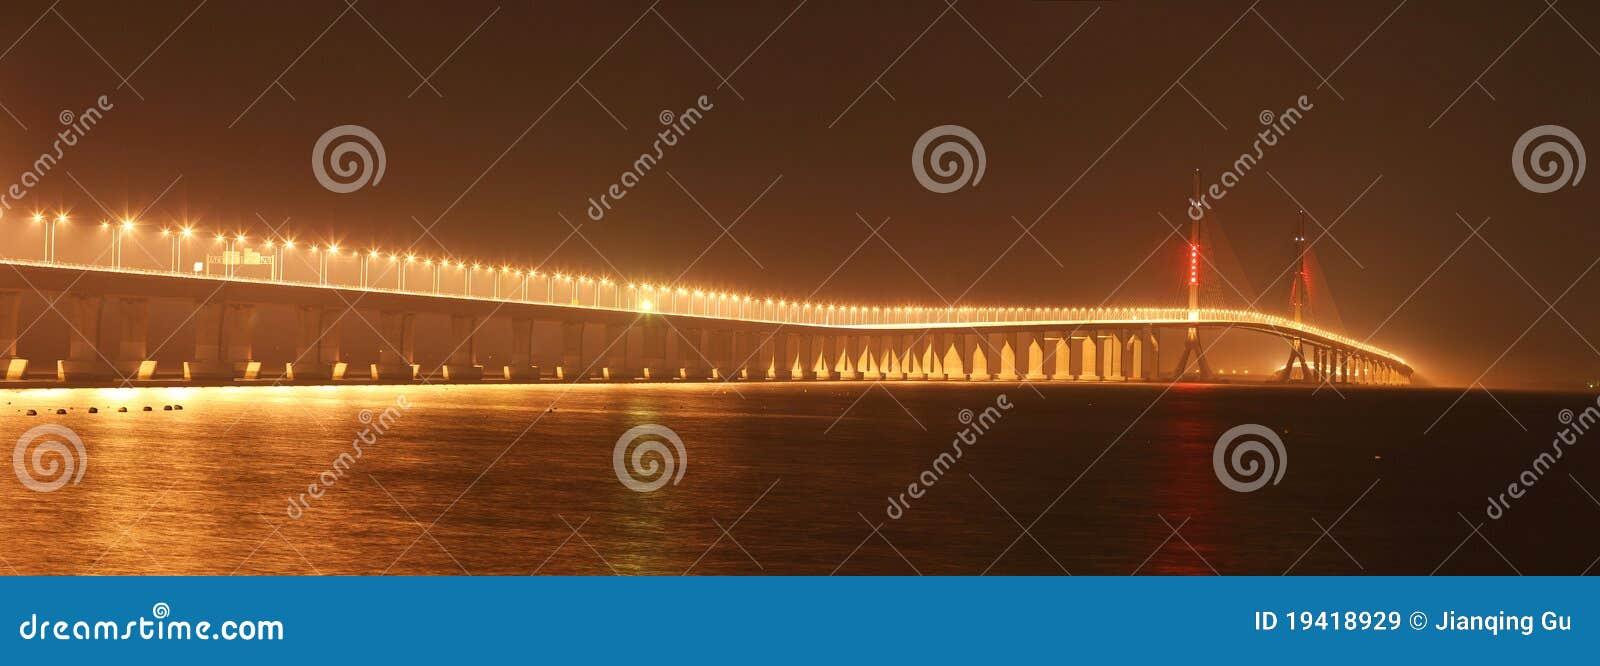 De Brug van de Rivier van Shanghai Yangtze